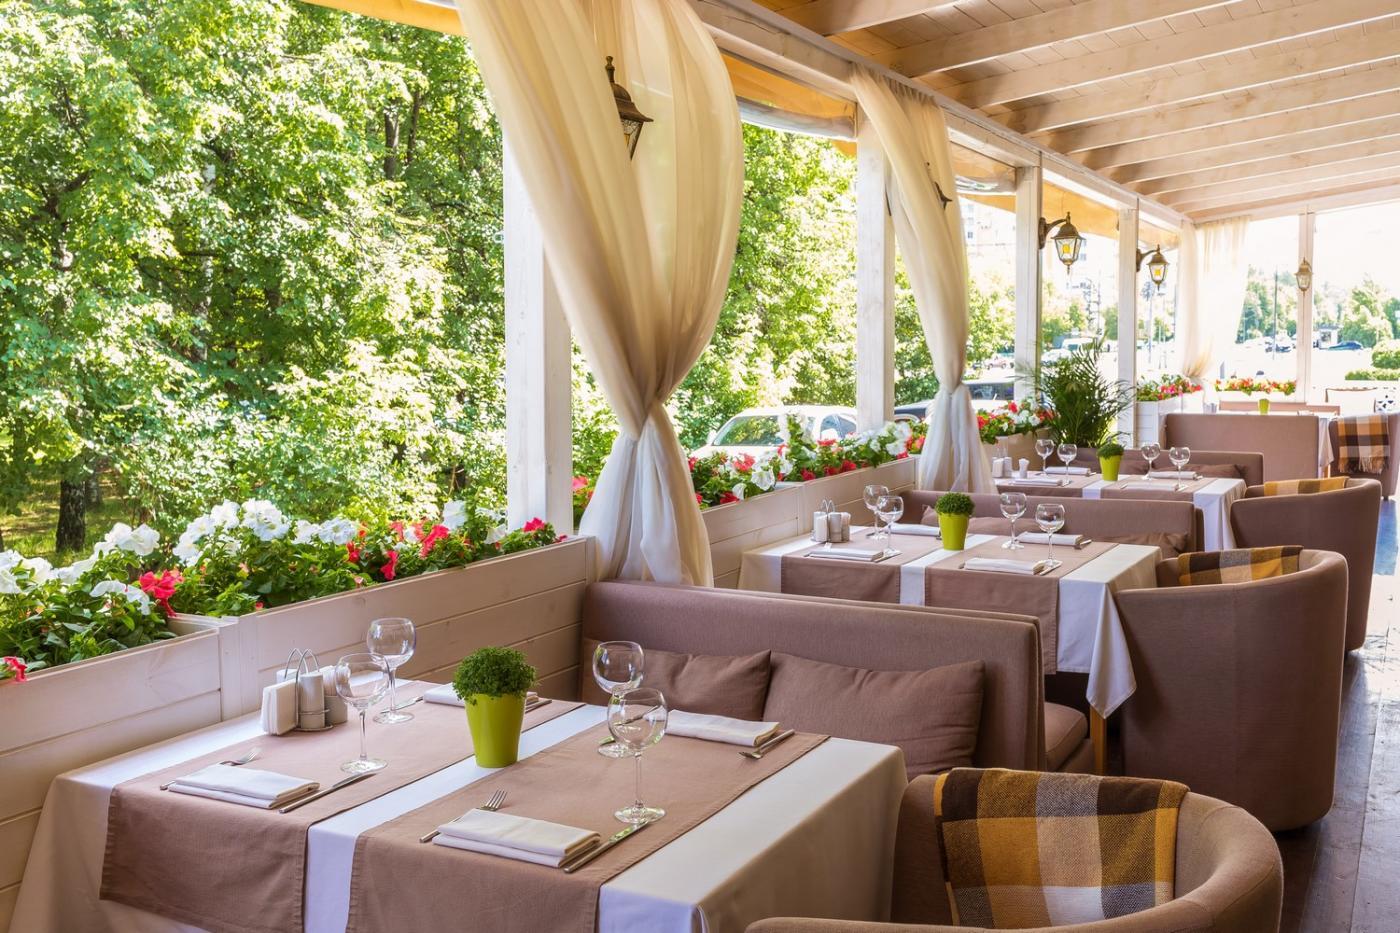 Итальянское Кафе Де Марко в Солнцево фото 15